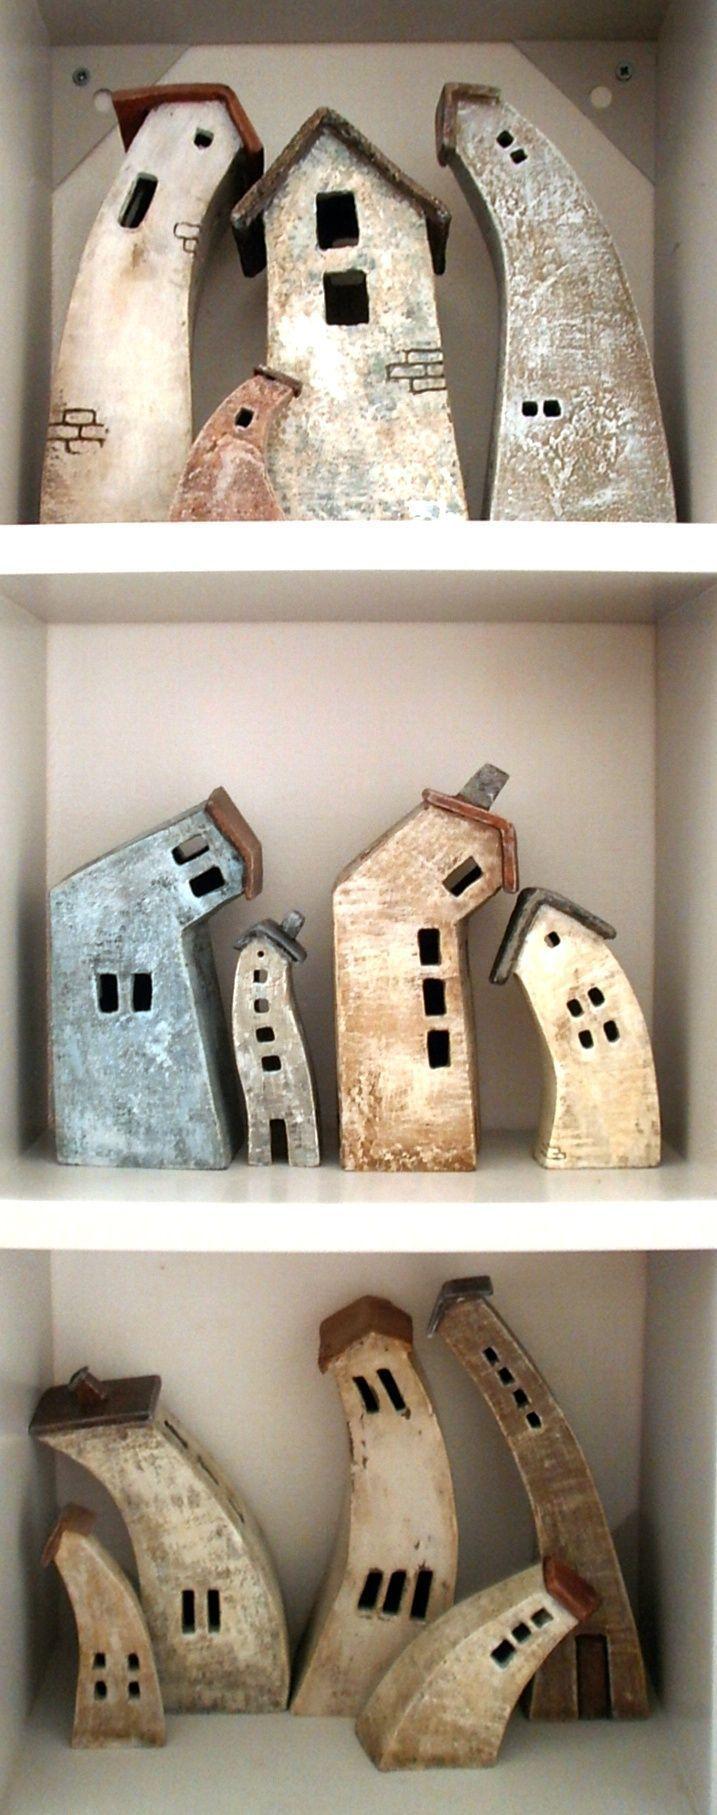 Töpferhäuser Ich muss versuchen, diese sehen so süß und ungewöhnlich aus! - Ceramika, Ab ... #potteryclasses